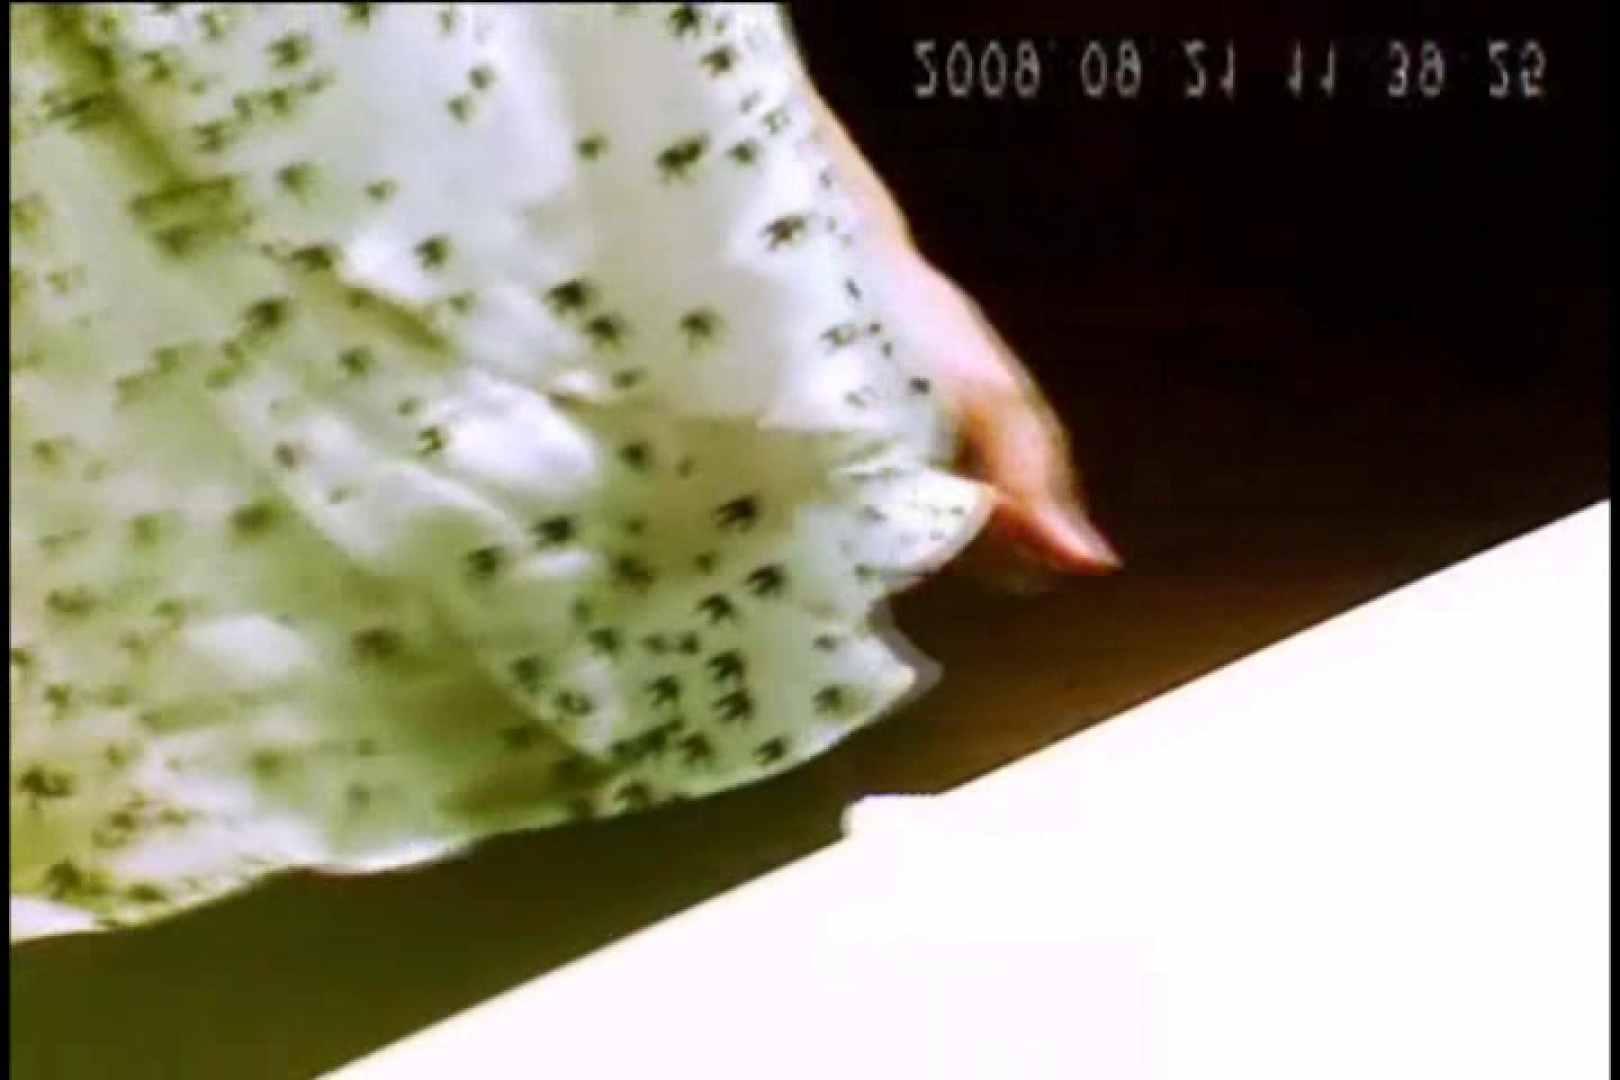 亀さんかわや VIPバージョン! vol.21 黄金水 AV動画キャプチャ 78PIX 64